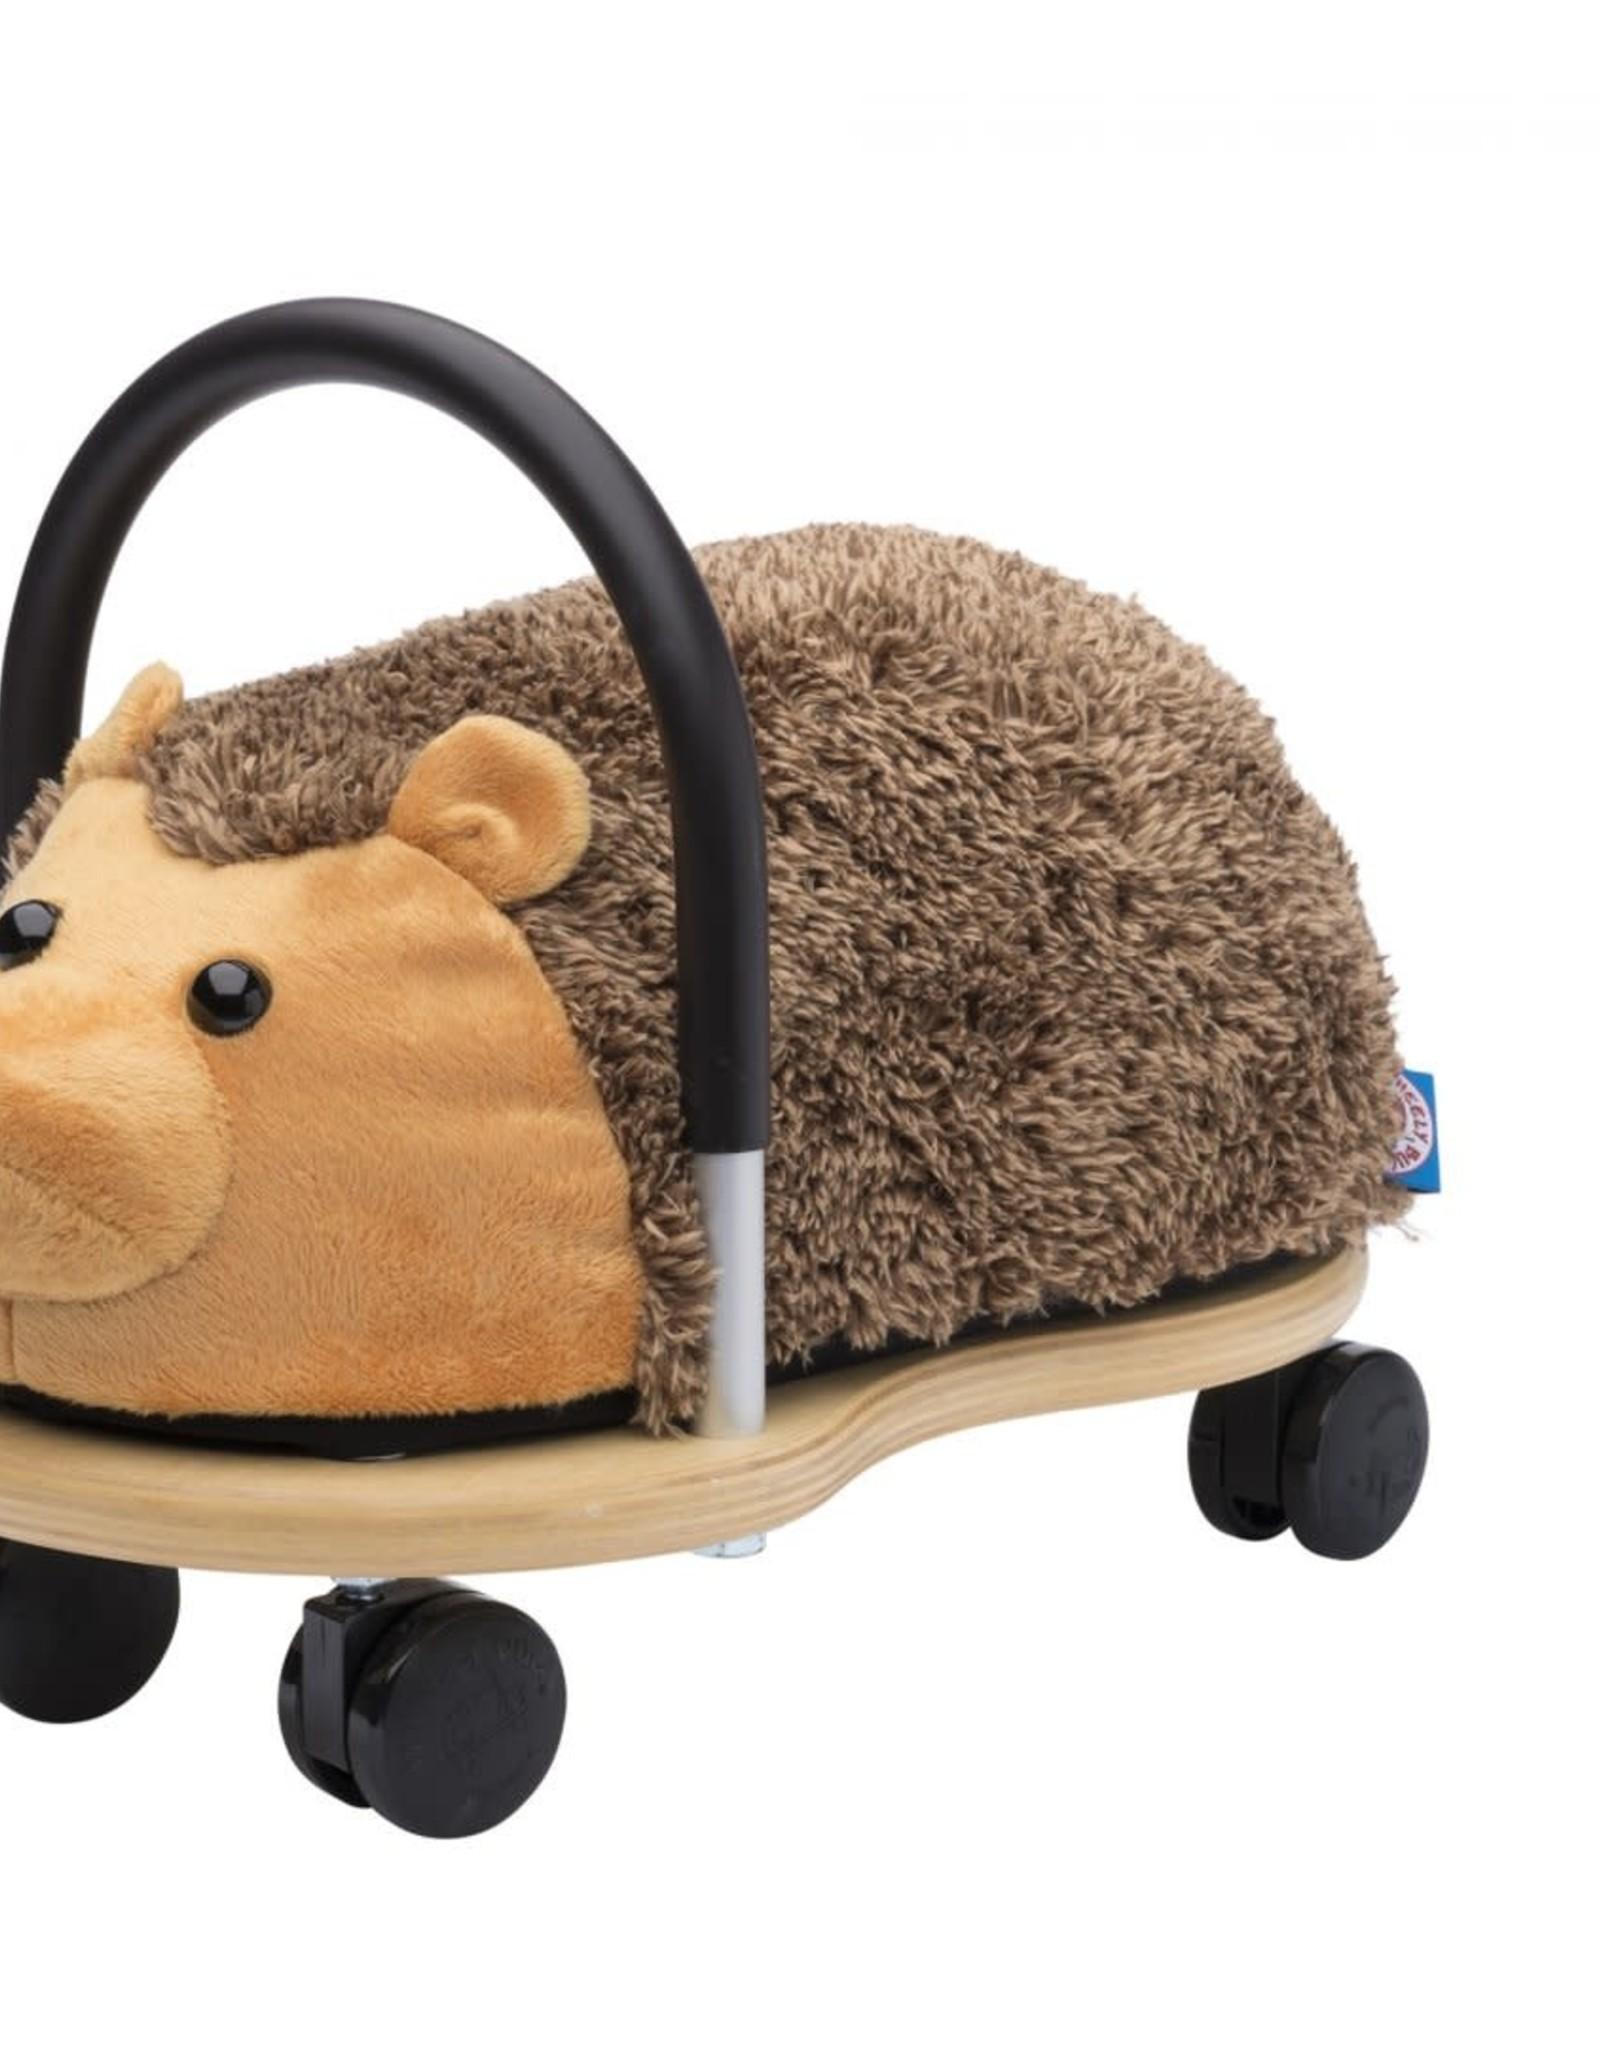 Wheelybug Wheelybug Egel